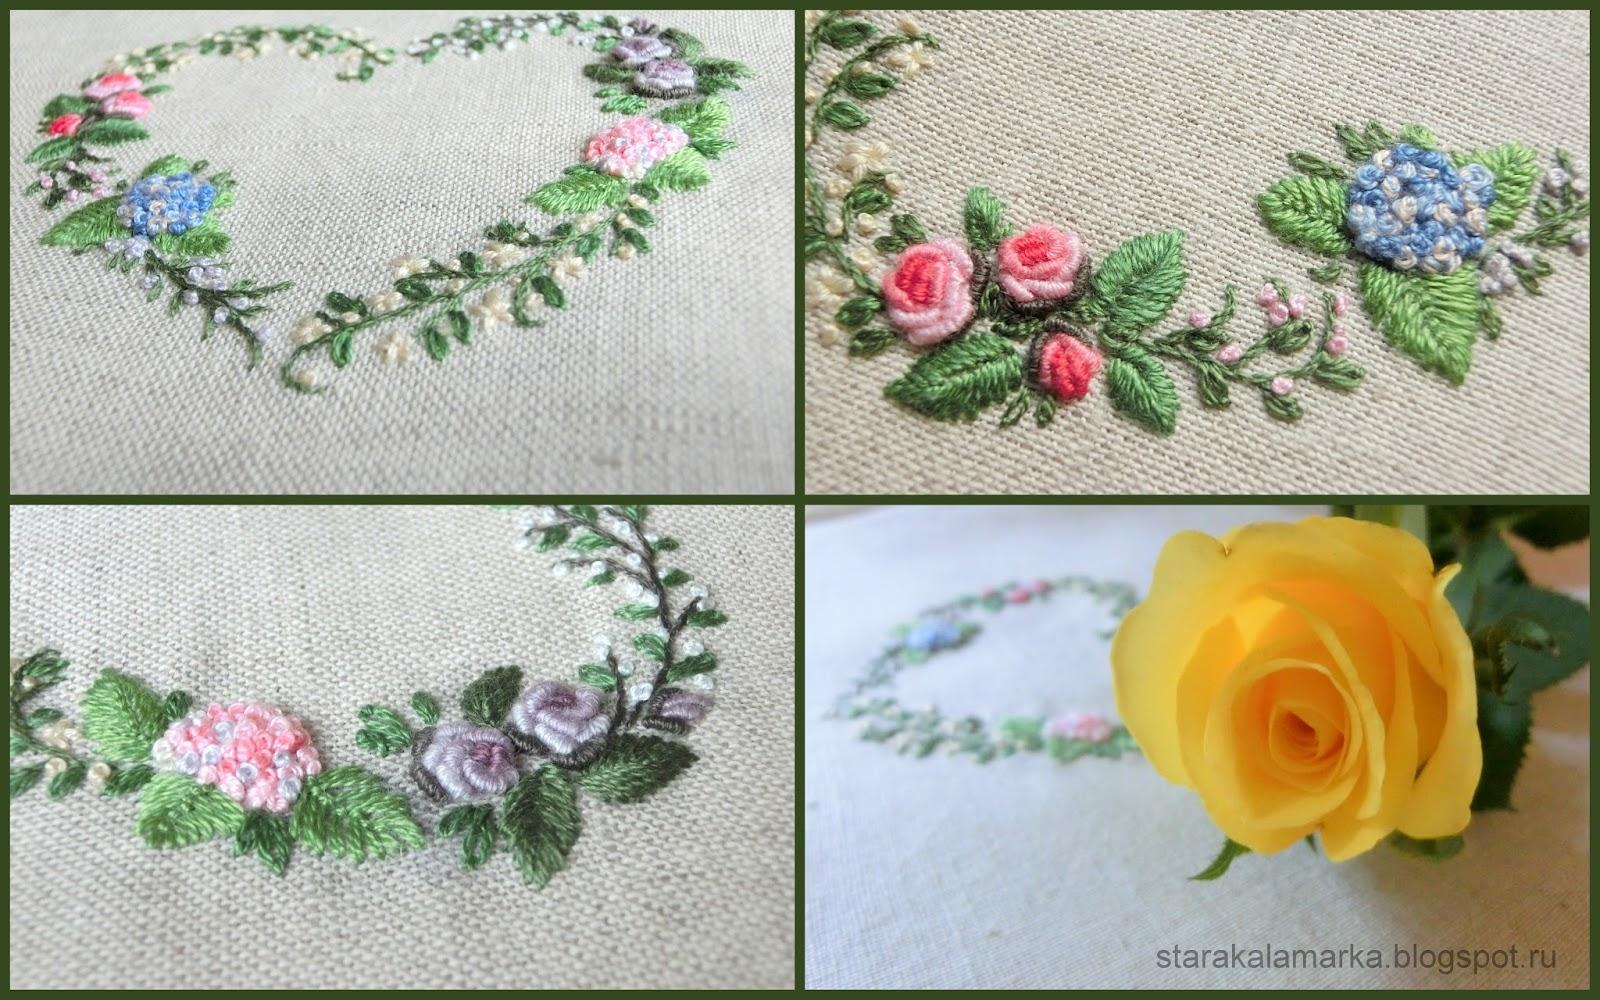 цветочная вышивка, гладь, вышивка декоративными швами, вышивка сердечки, рококо